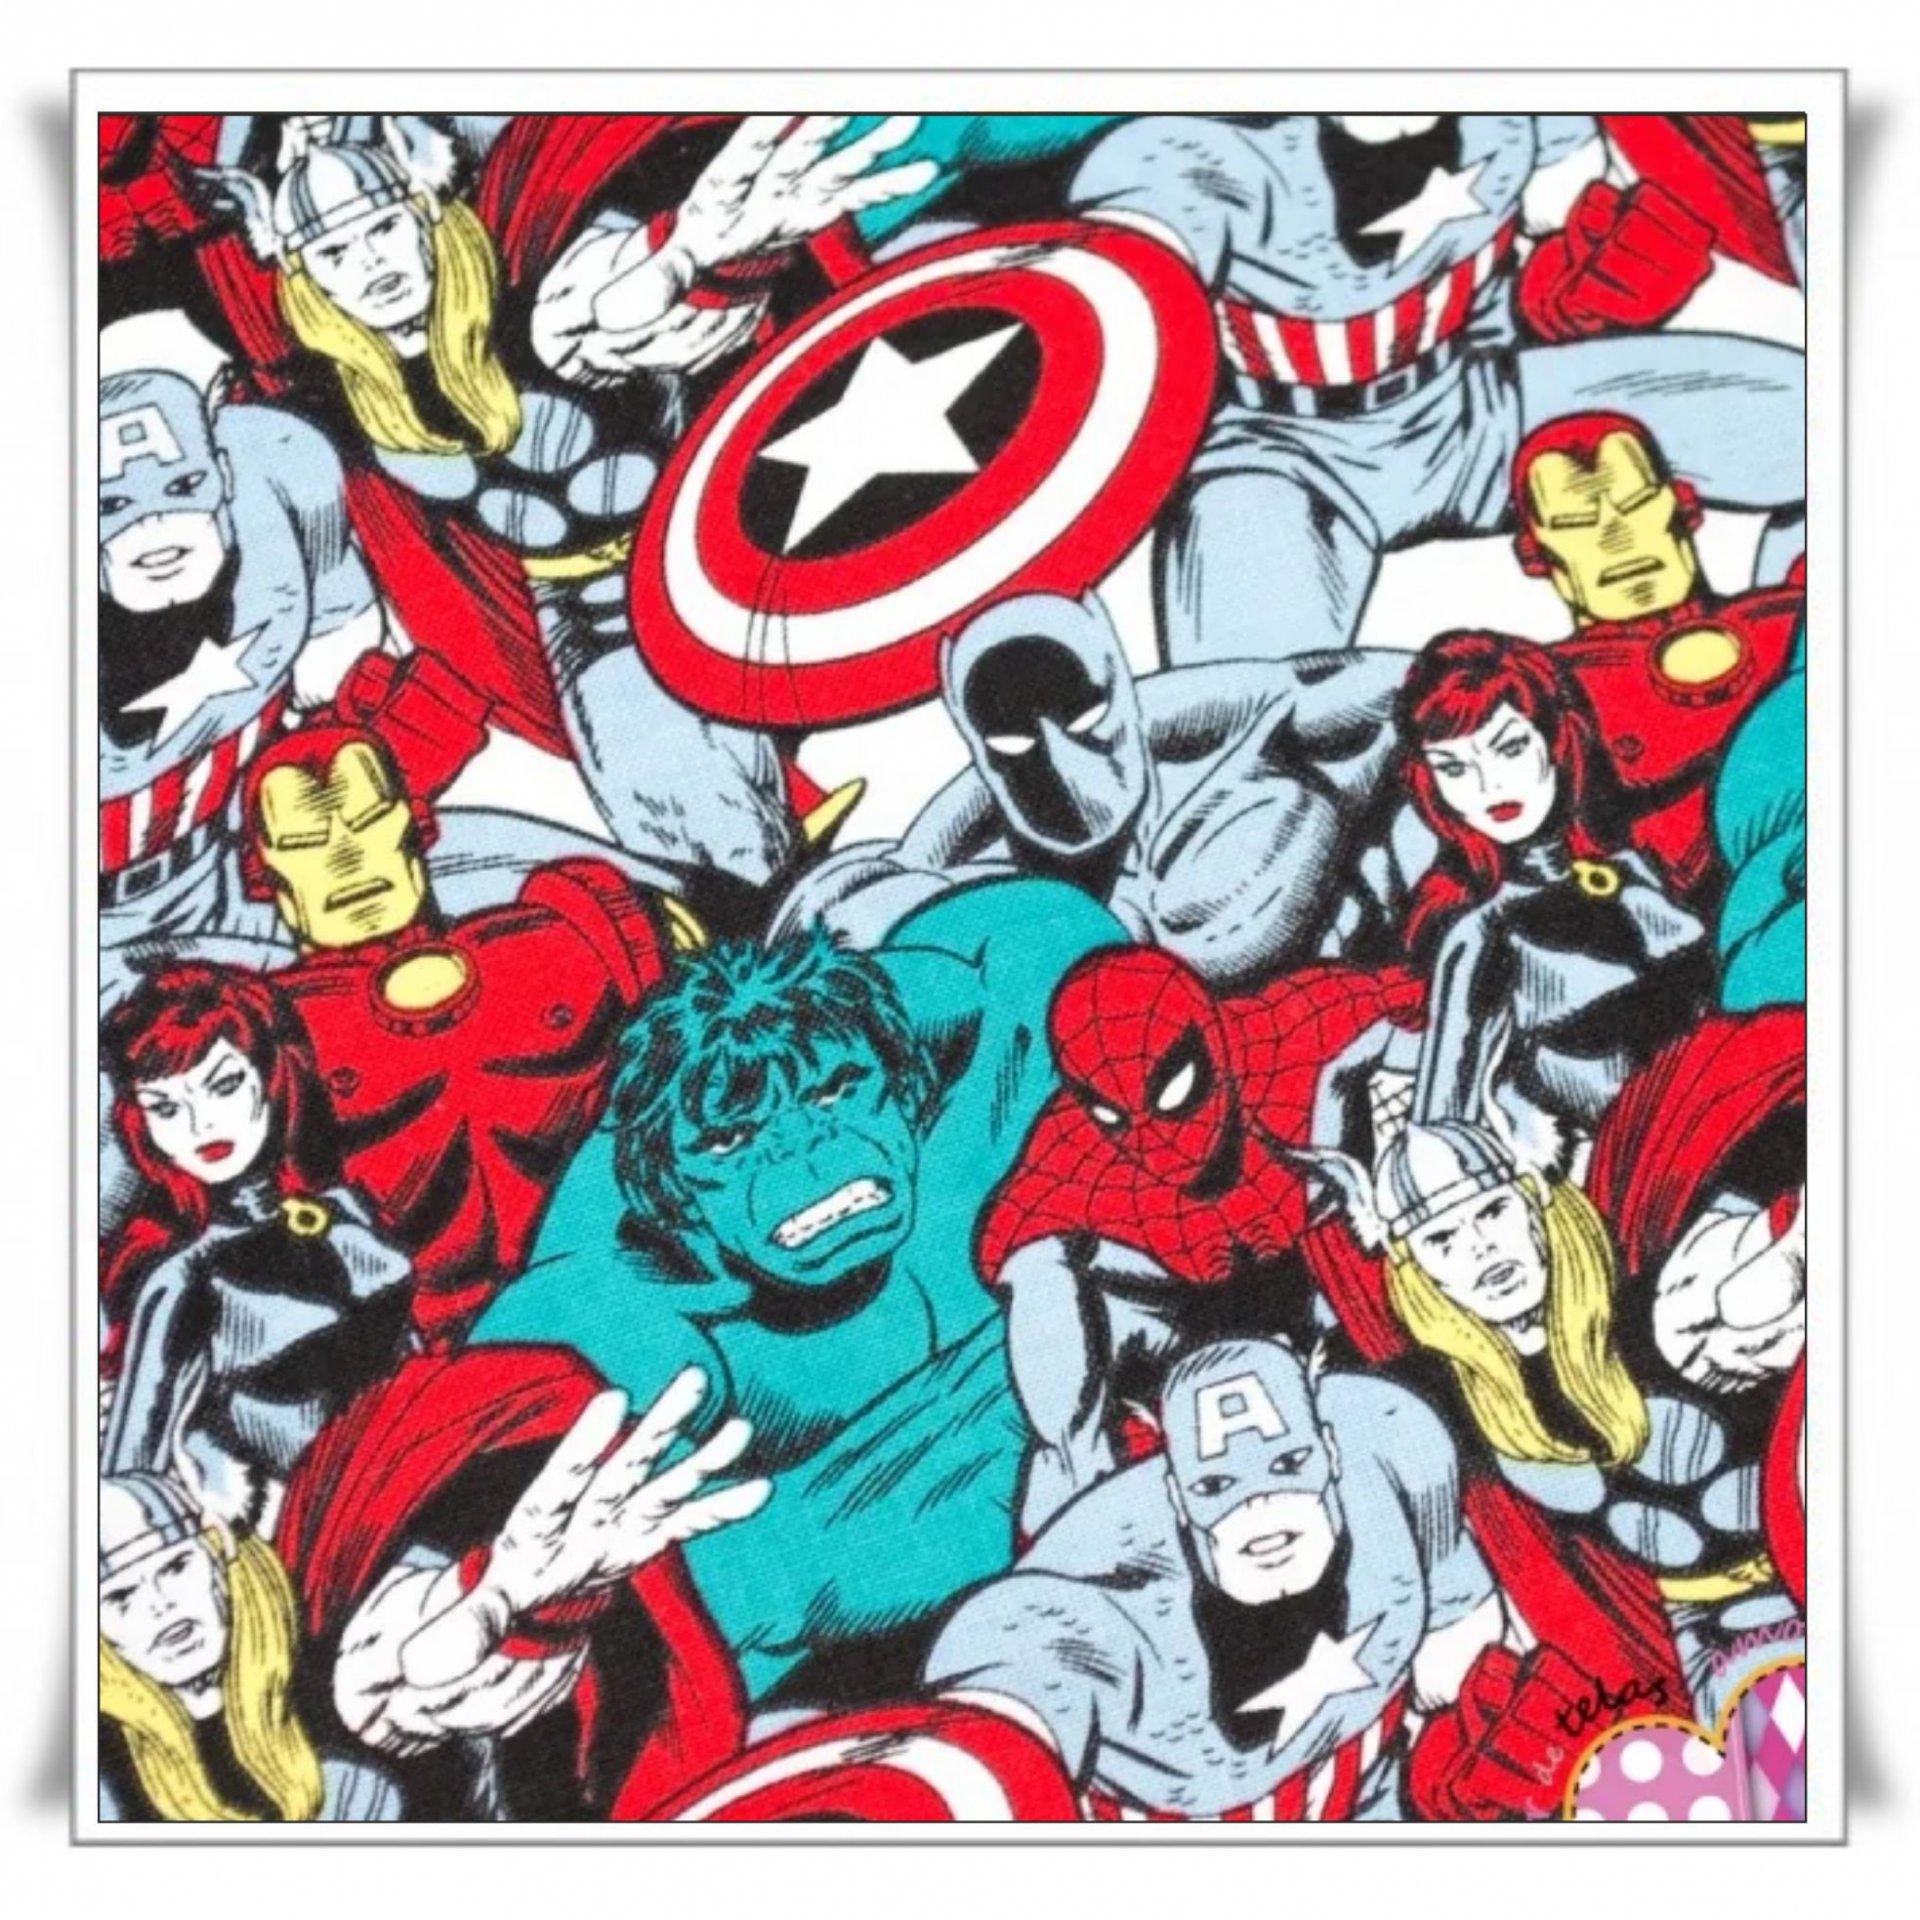 41 - SUPERHEROES 2 (1).jpg